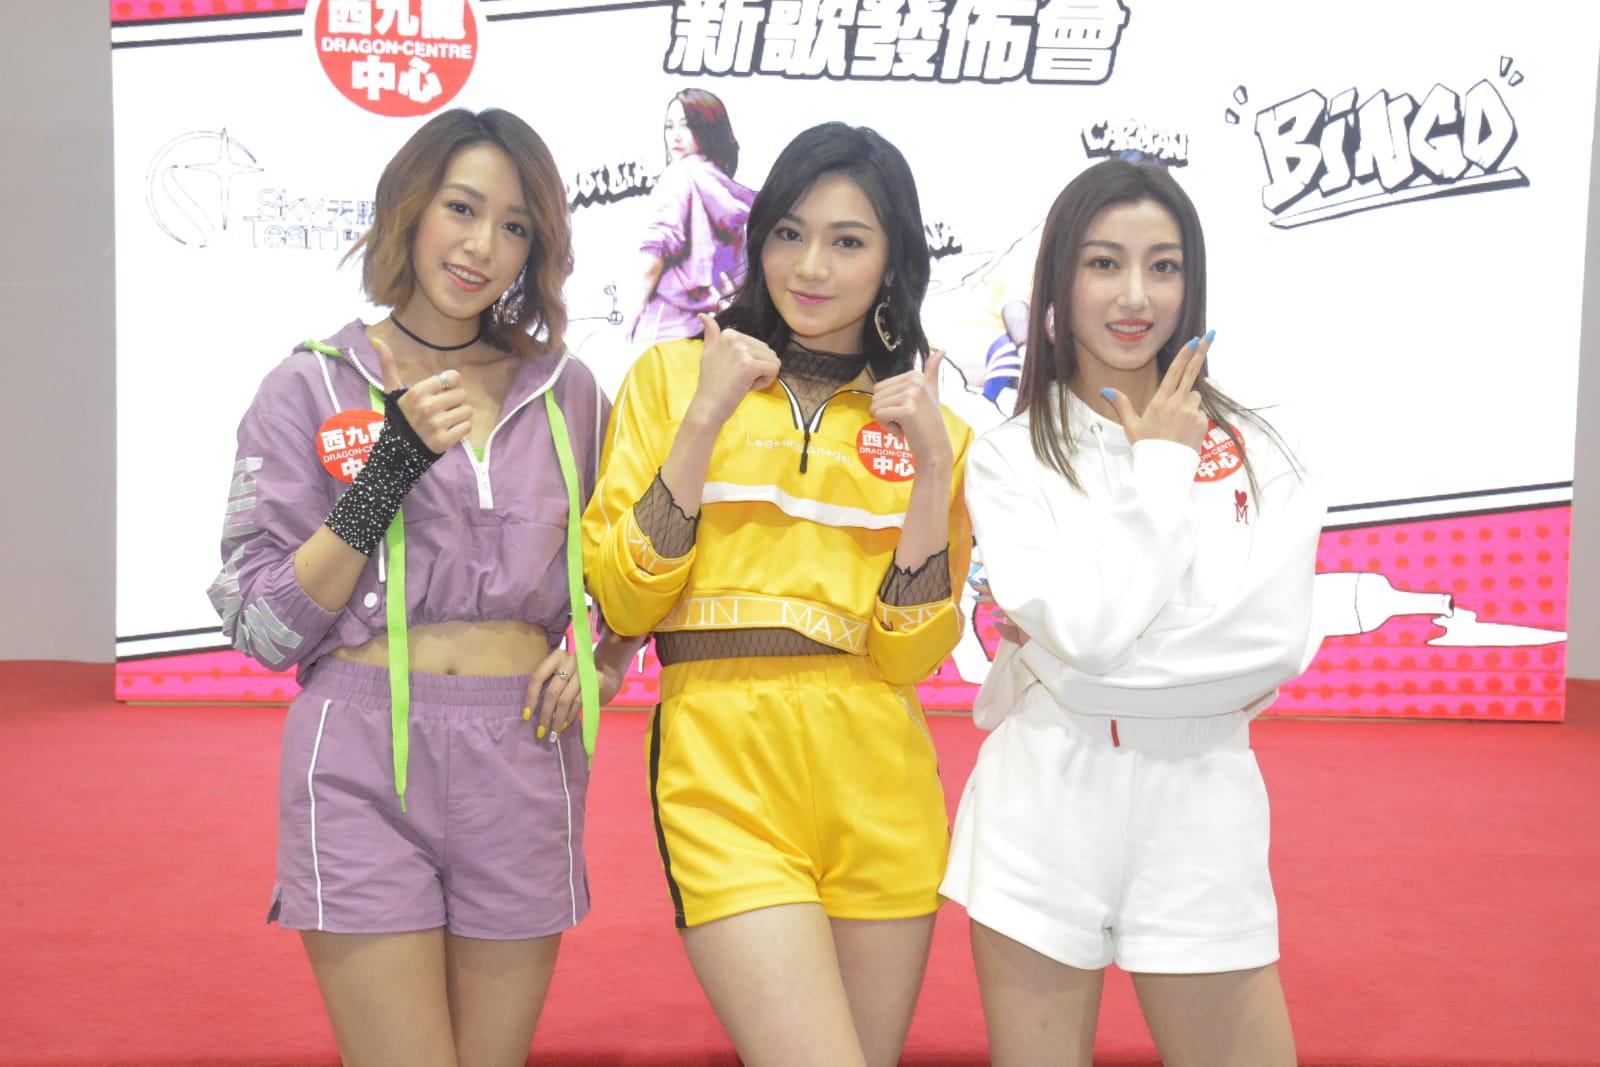 初出道時5人女子組合BINGO成員,現在只剩下3位成員Carman關嘉敏、Queena夏子涓及Odilia陳康琪。